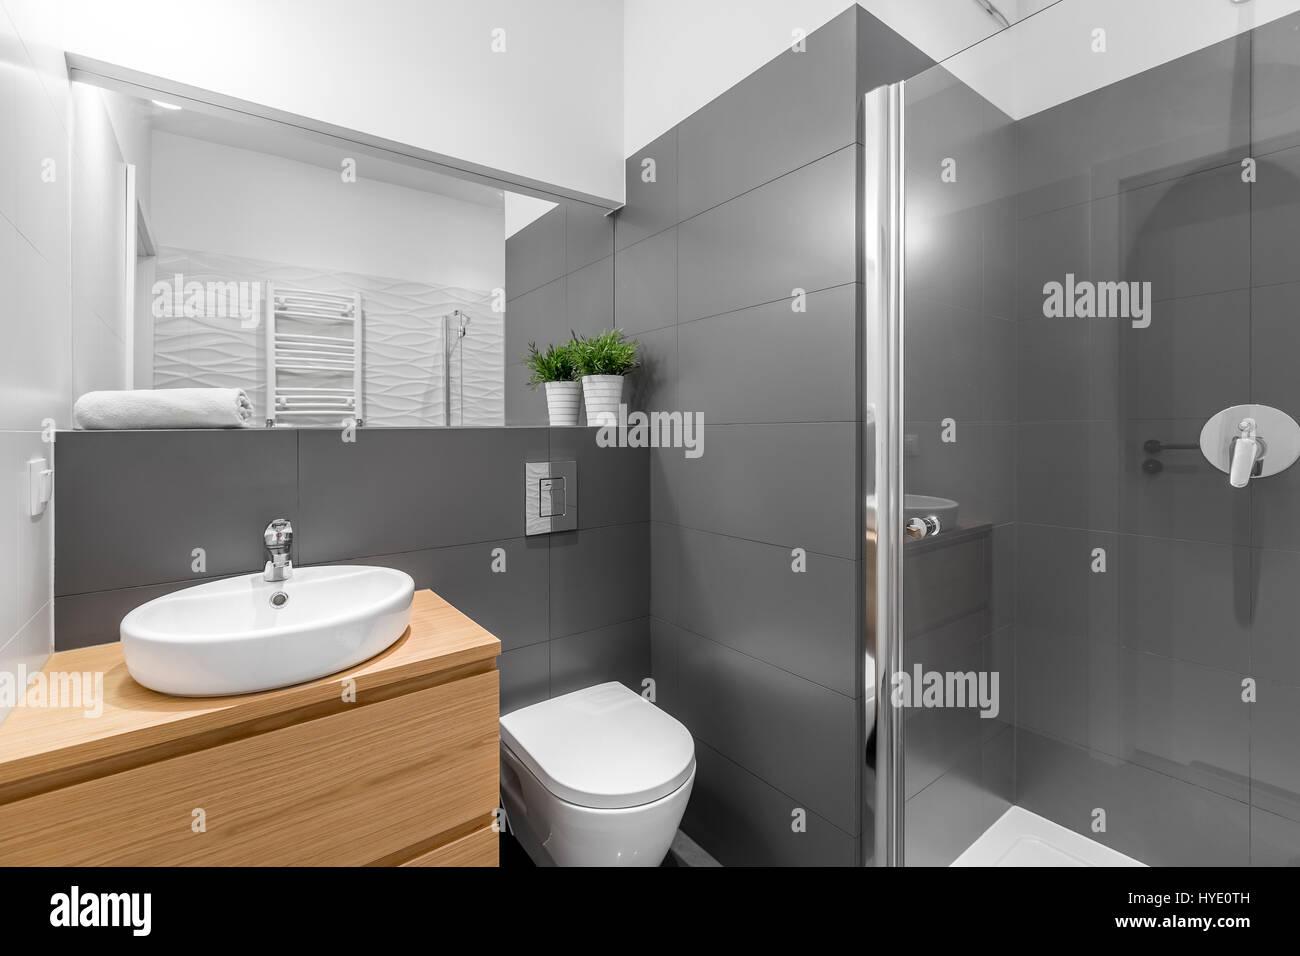 Bagno Legno E Bianco : Grigio e moderno bagno con doccia armadio in legno bianco